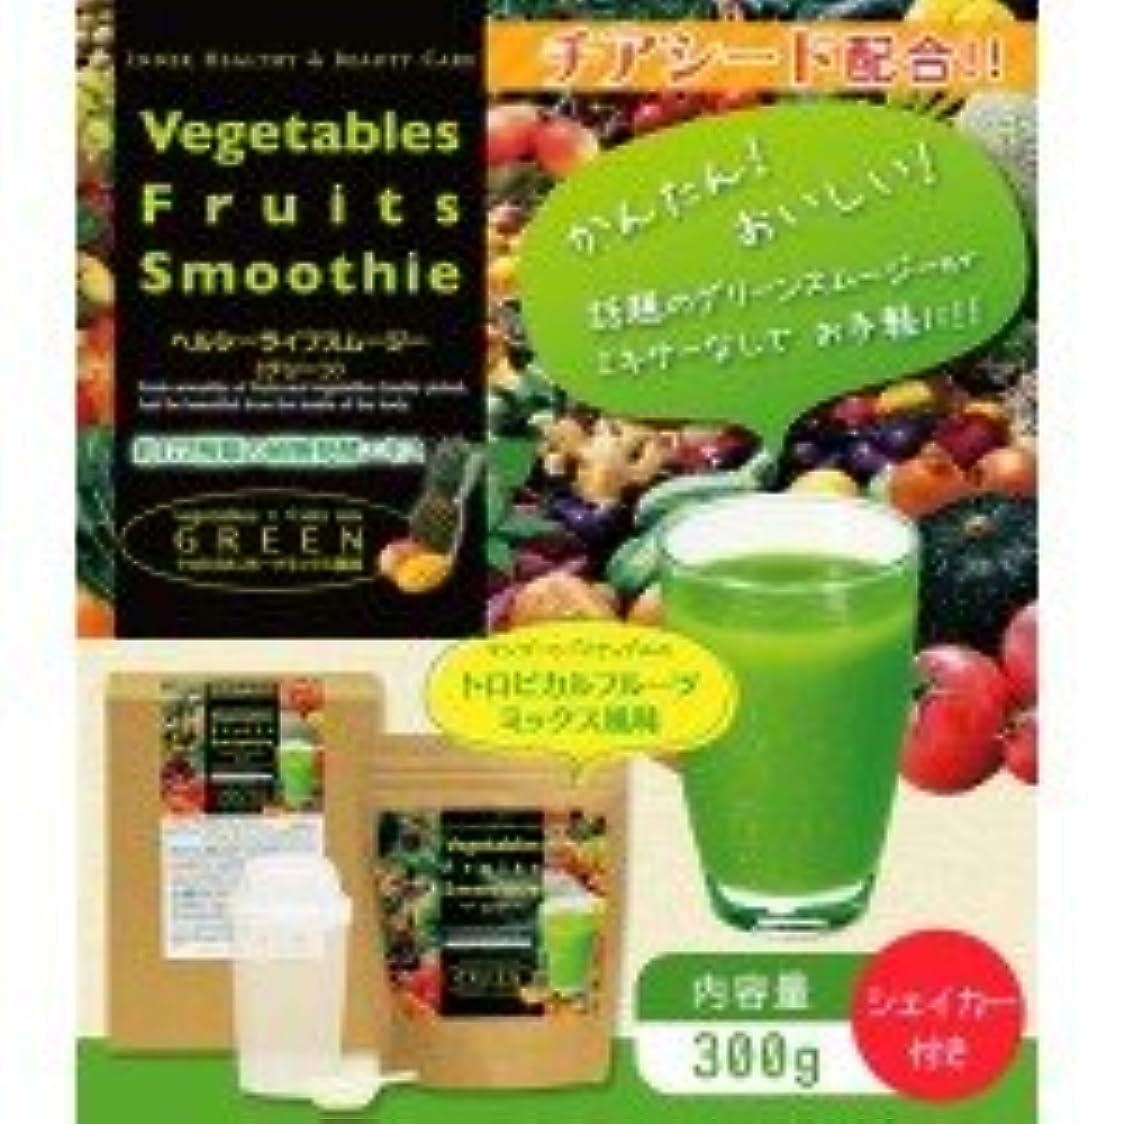 撃退する褒賞準備したVegetables Fruits Smoothie ヘルシーライフスムージー(グリーン)トロピカルフルーツミックス味(300g シェイカー付) 日本製